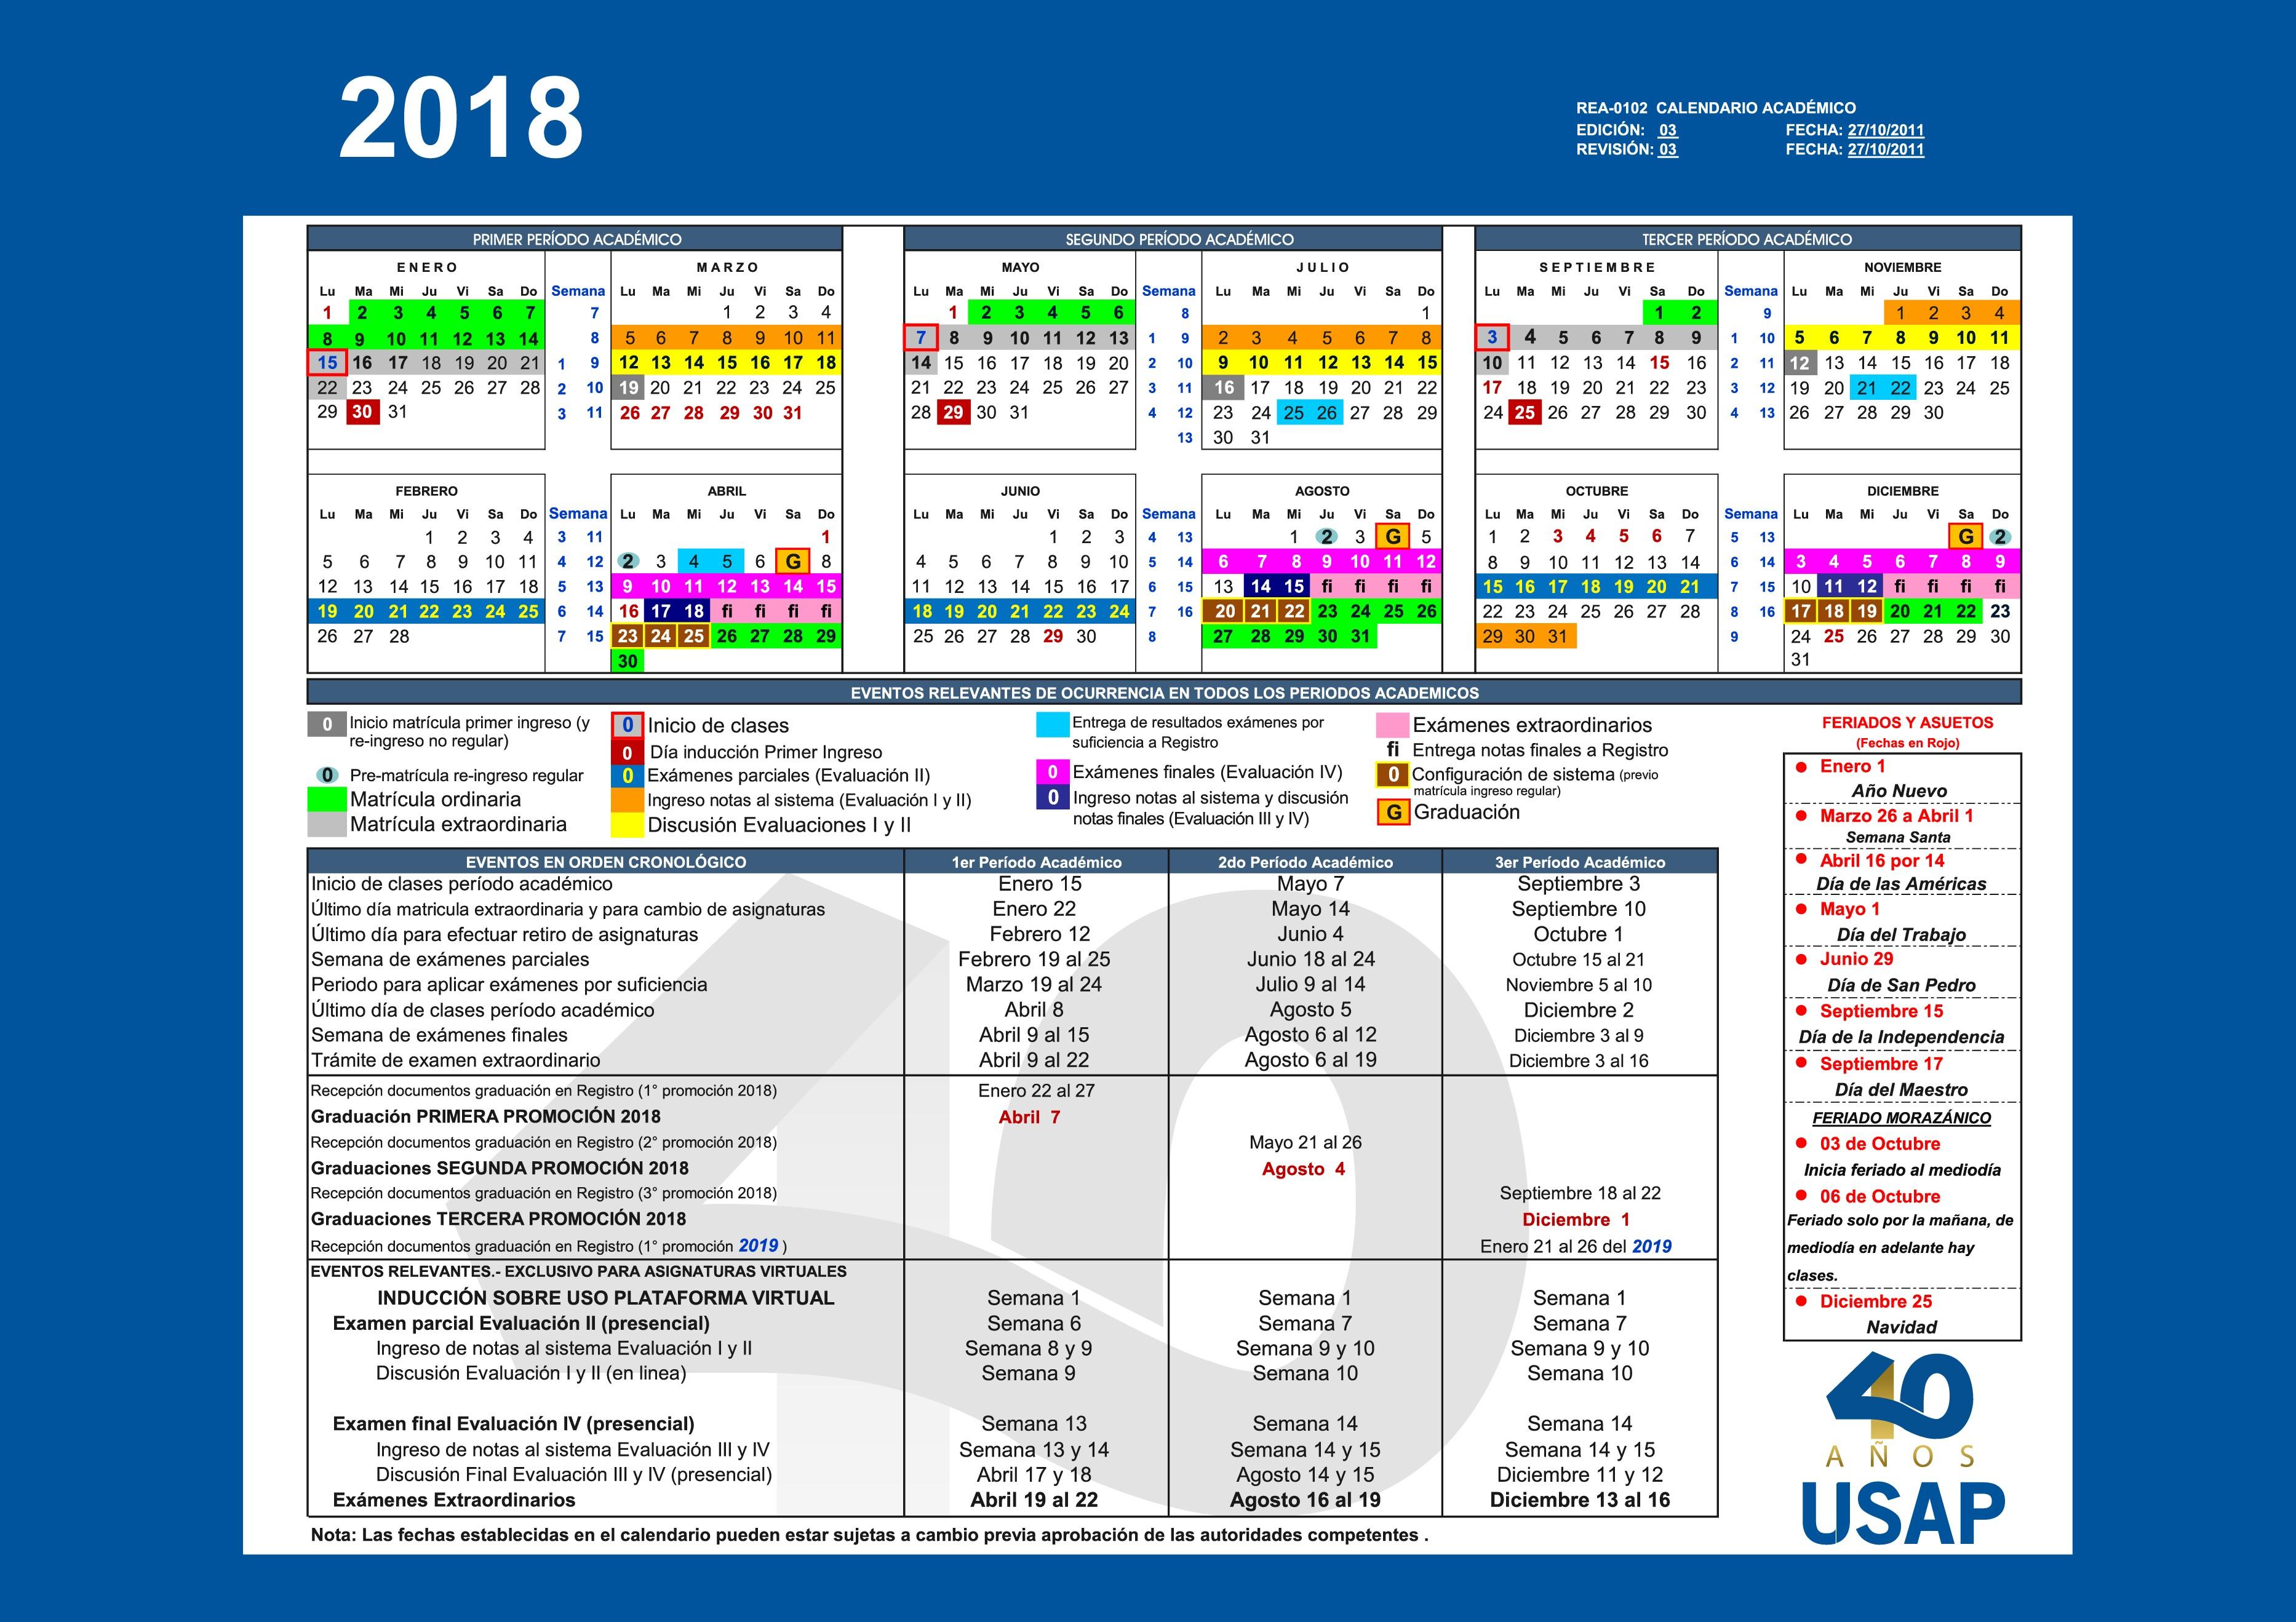 Calendario Académico 2018 en formato pdf